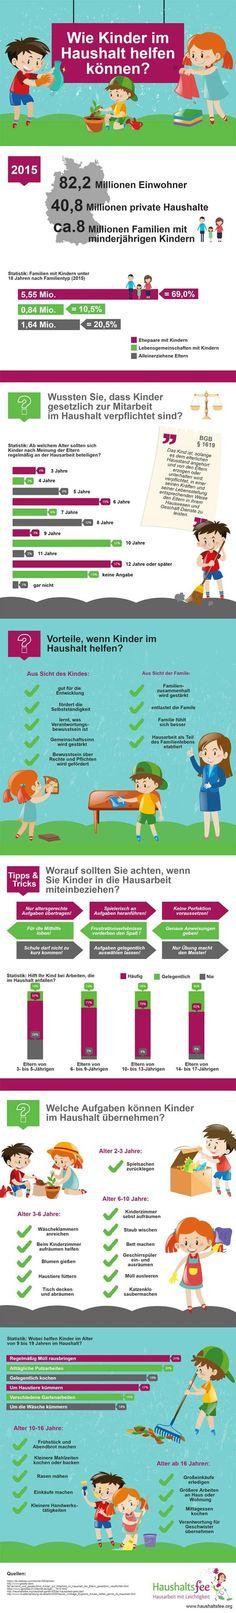 mtliplan zum ausdrucken f r kinder von 2 bis 7 jahre mit ideen welche arbeiten die kinder in. Black Bedroom Furniture Sets. Home Design Ideas